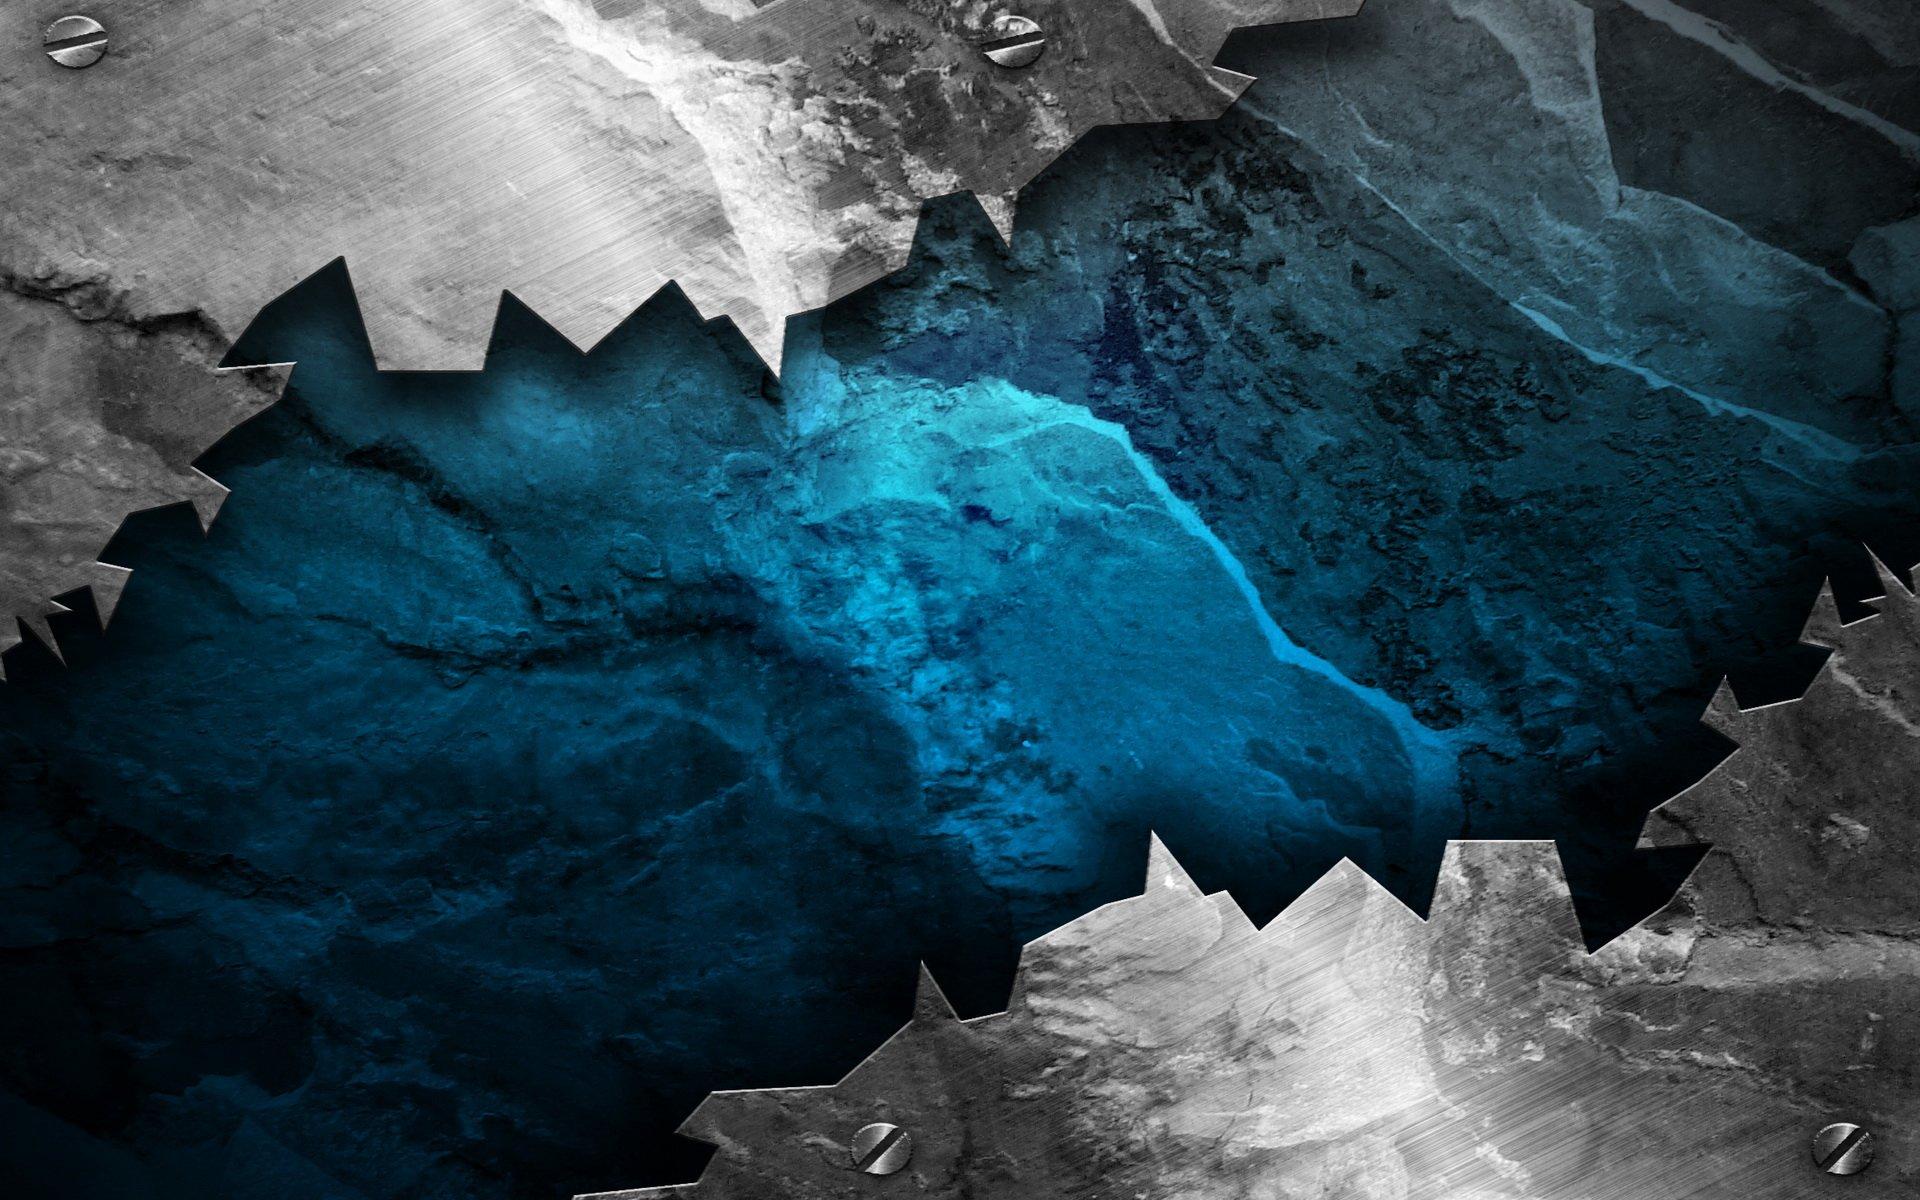 Grunge HD Wallpaper